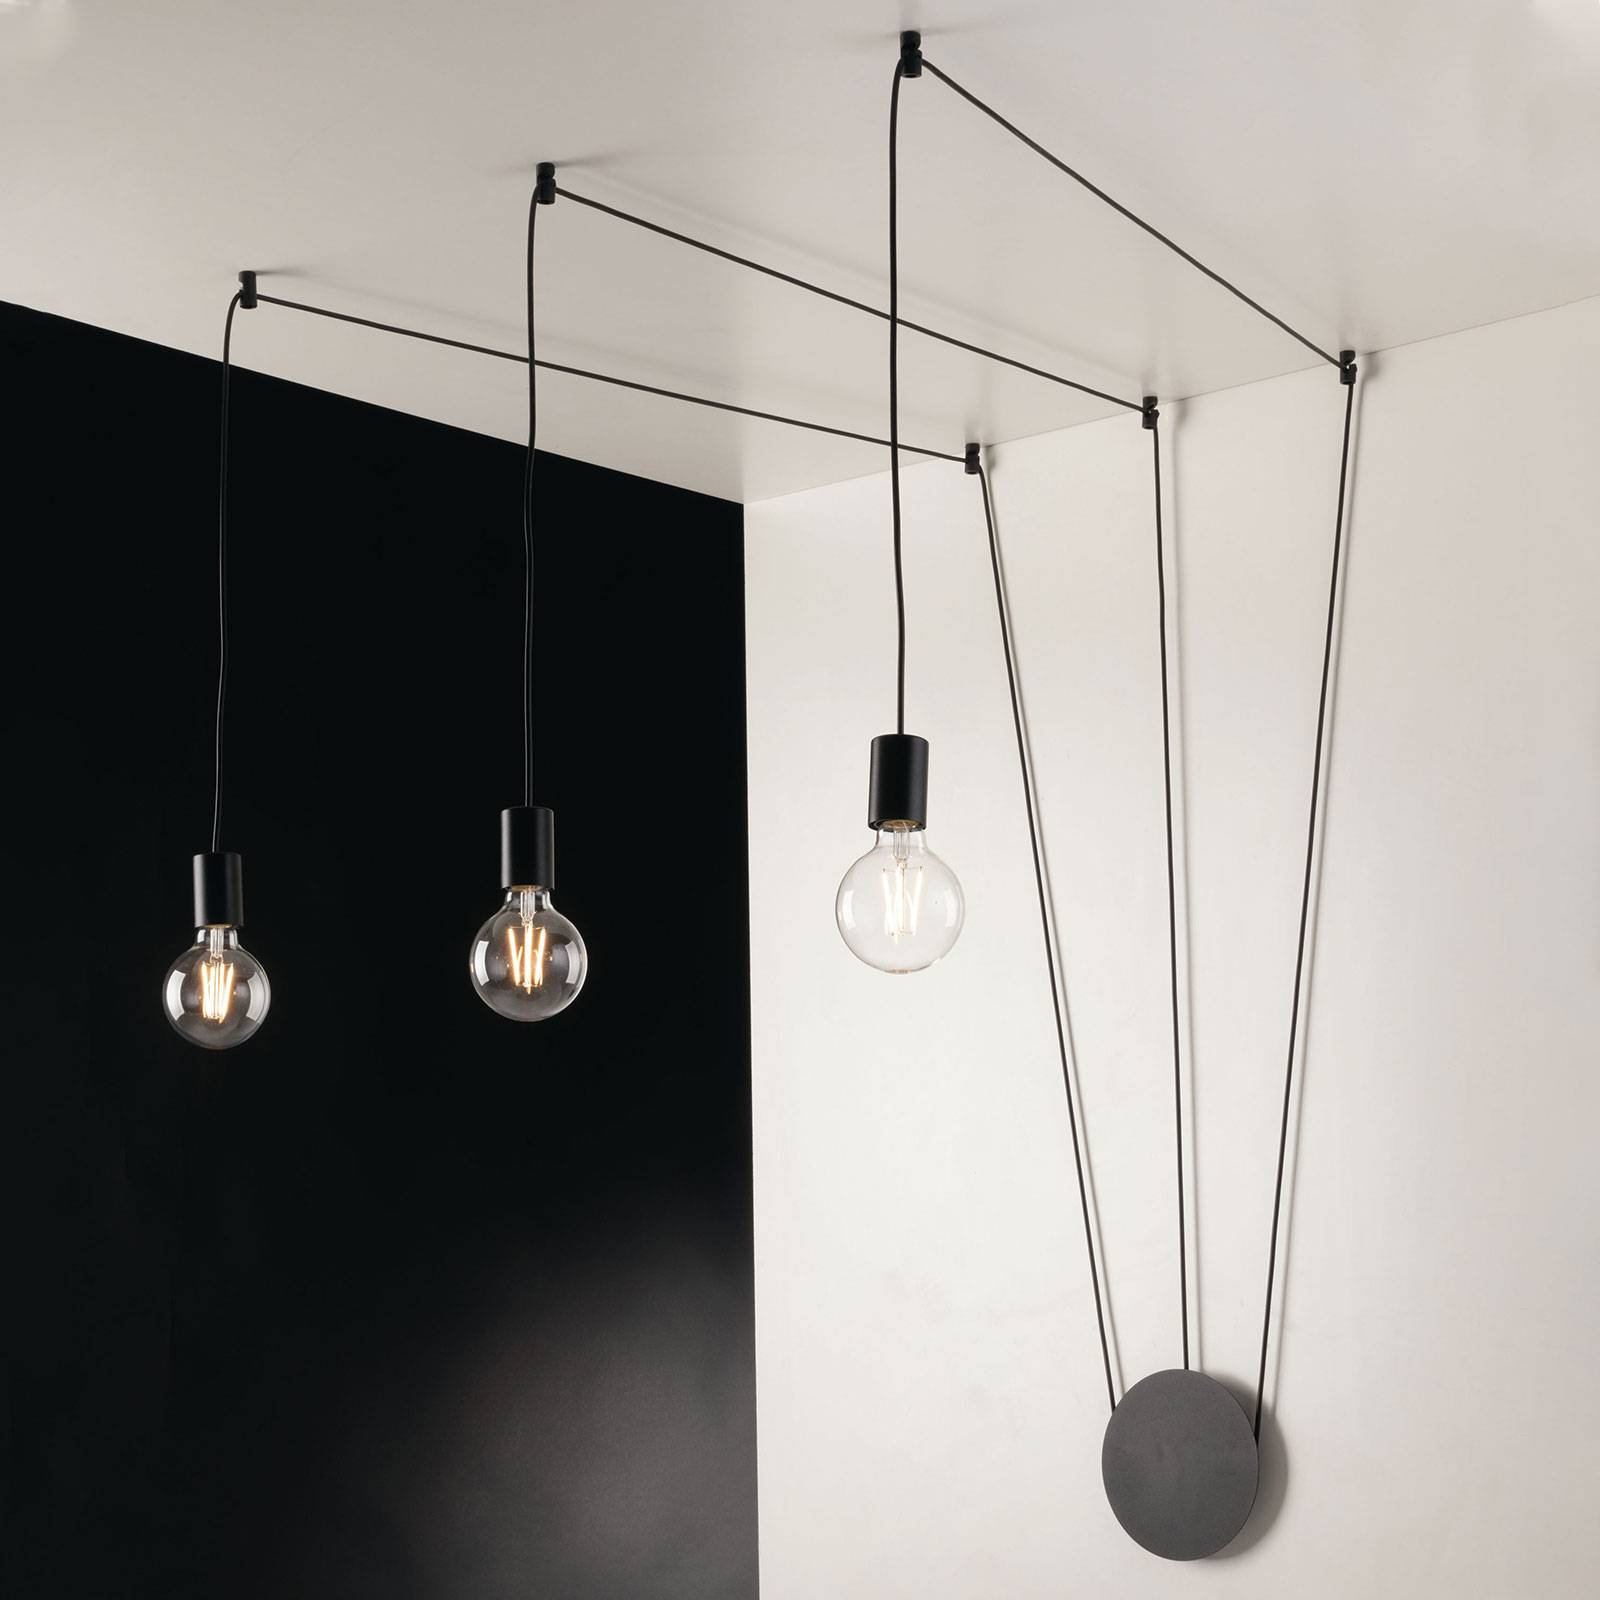 Hanglamp Habitat decentraal, 3-lamps, zwart